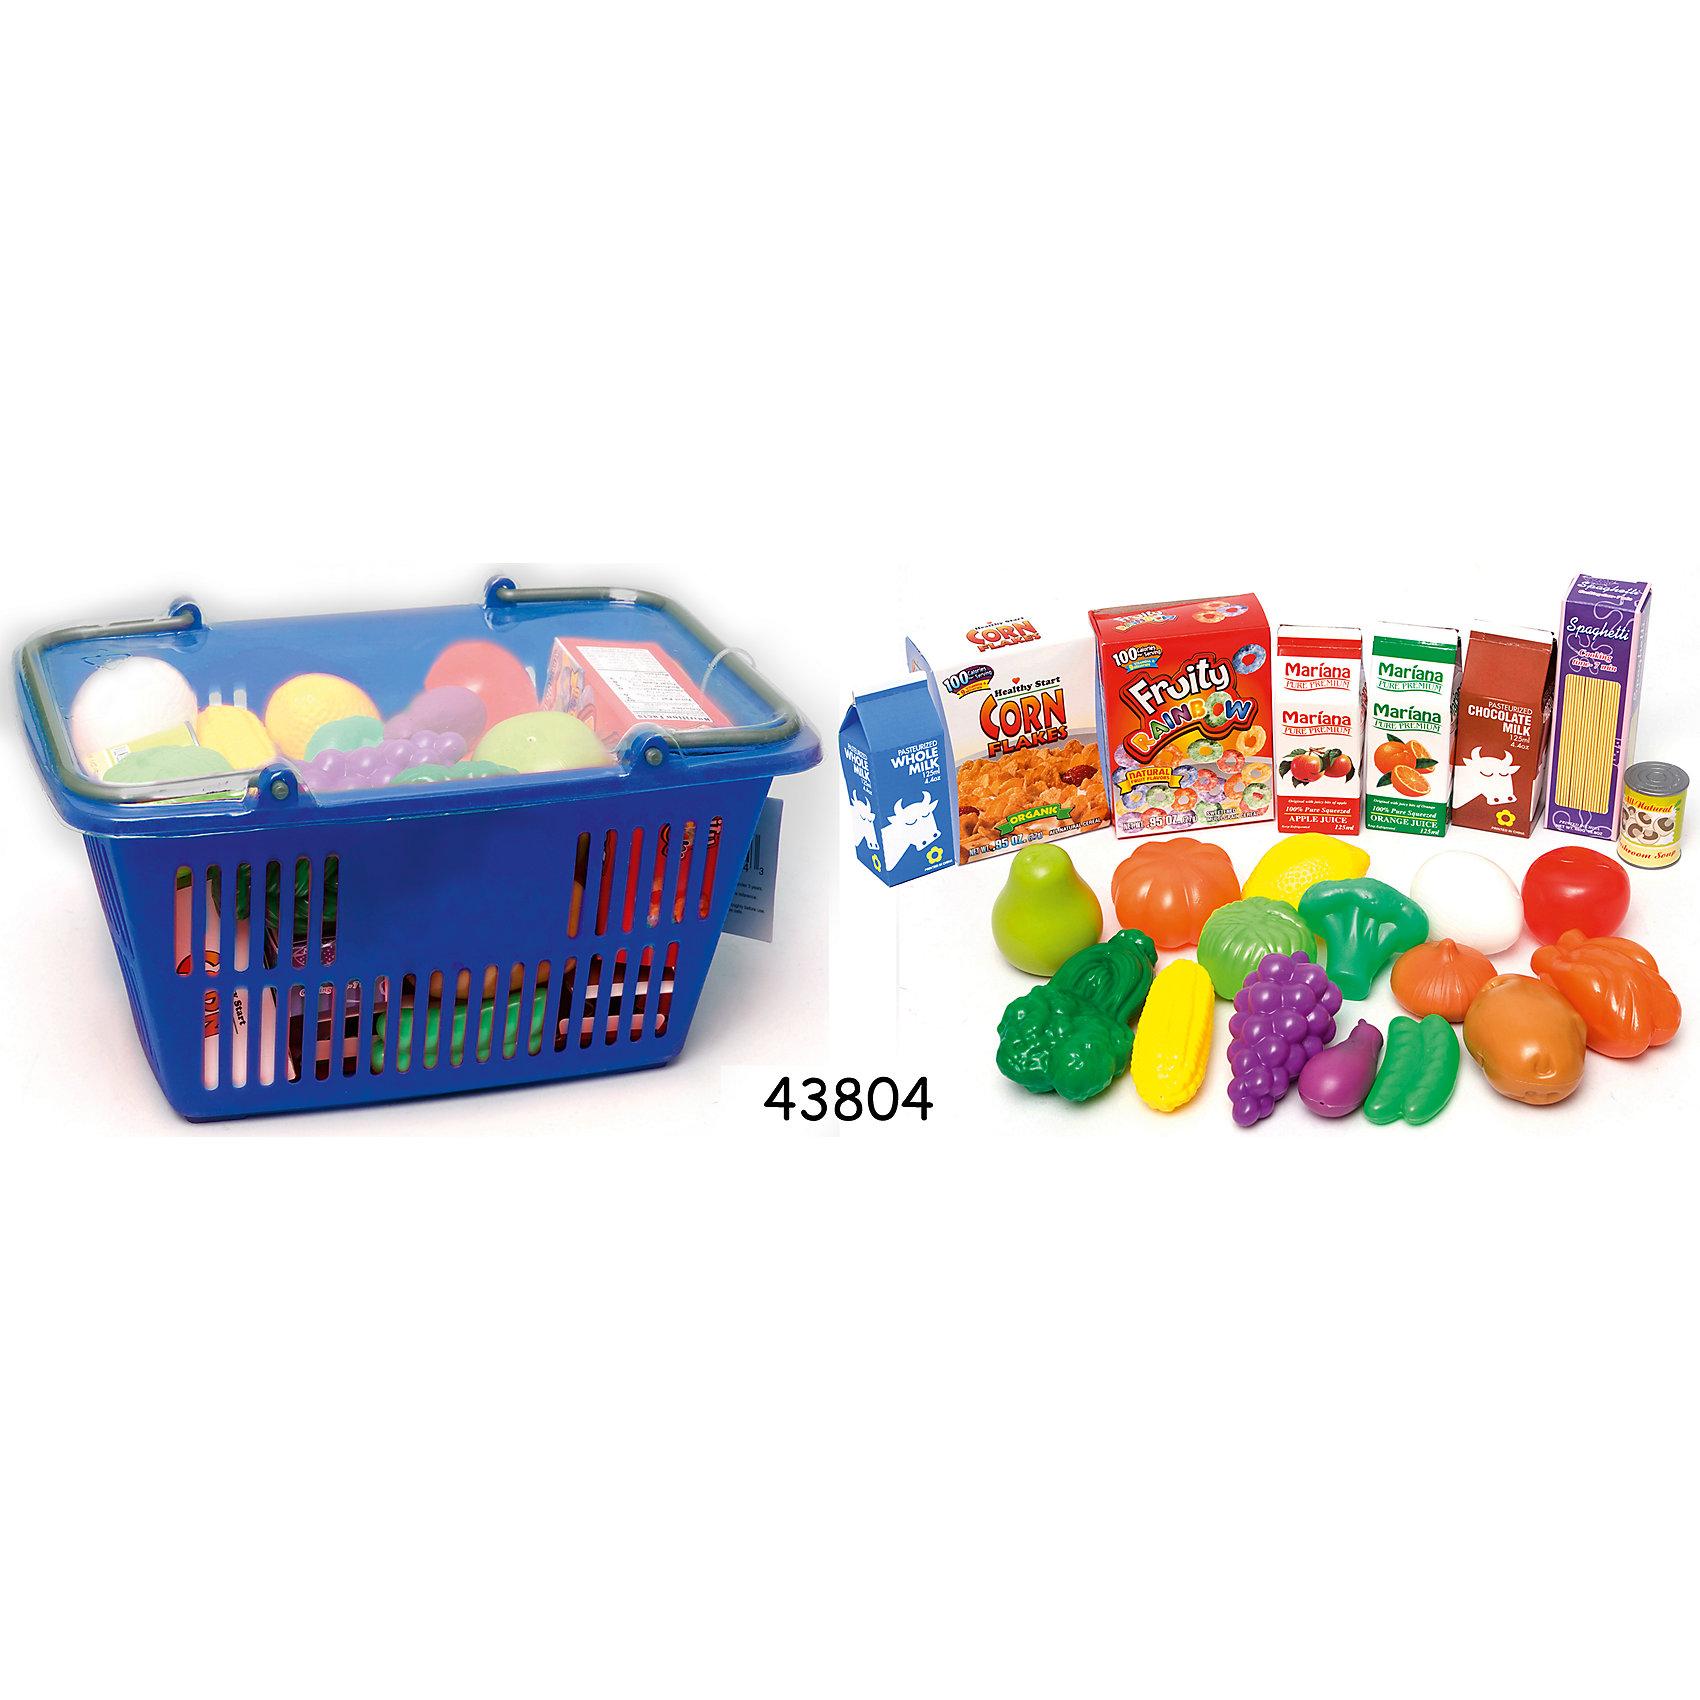 Корзинка с продуктами, BoleyКорзинка с продуктами, Boley (Болей).<br><br>Характеристики:<br><br>• Вес: 370 г.<br>• Размер упаковки: 25 х 13,7 х 17,5 см.<br>• Цвет: разноцветный.<br>• Материал: пластик.<br><br>Замечательный набор Корзинка с продуктами от бренда Boley (Болей) - станет отличным дополнением детской кухни! С ним девочка сможет затеять увлекательные сюжетно-ролевые игры и почувствовать себя настоящей хозяюшкой, продавцом. В комплект входят 23 предмета, среди которых вы найдете: молоко, кукурузные хлопья, сок, виноград, груша, кукуруза, брокколи, зеленый горошек, лук, томат, картофель и другие продукты. Все предметы выполнены из высококачественных, экологически чистых материалов, совершенно безопасных для ребенка. Порадуйте  свою маленькую хозяйку, подарив ей такой набор !<br><br>Корзинку с продуктами, Boley (Болей), можно купить в нашем интернет- магазине.<br><br>Ширина мм: 250<br>Глубина мм: 130<br>Высота мм: 180<br>Вес г: 365<br>Возраст от месяцев: 36<br>Возраст до месяцев: 2147483647<br>Пол: Женский<br>Возраст: Детский<br>SKU: 5185772